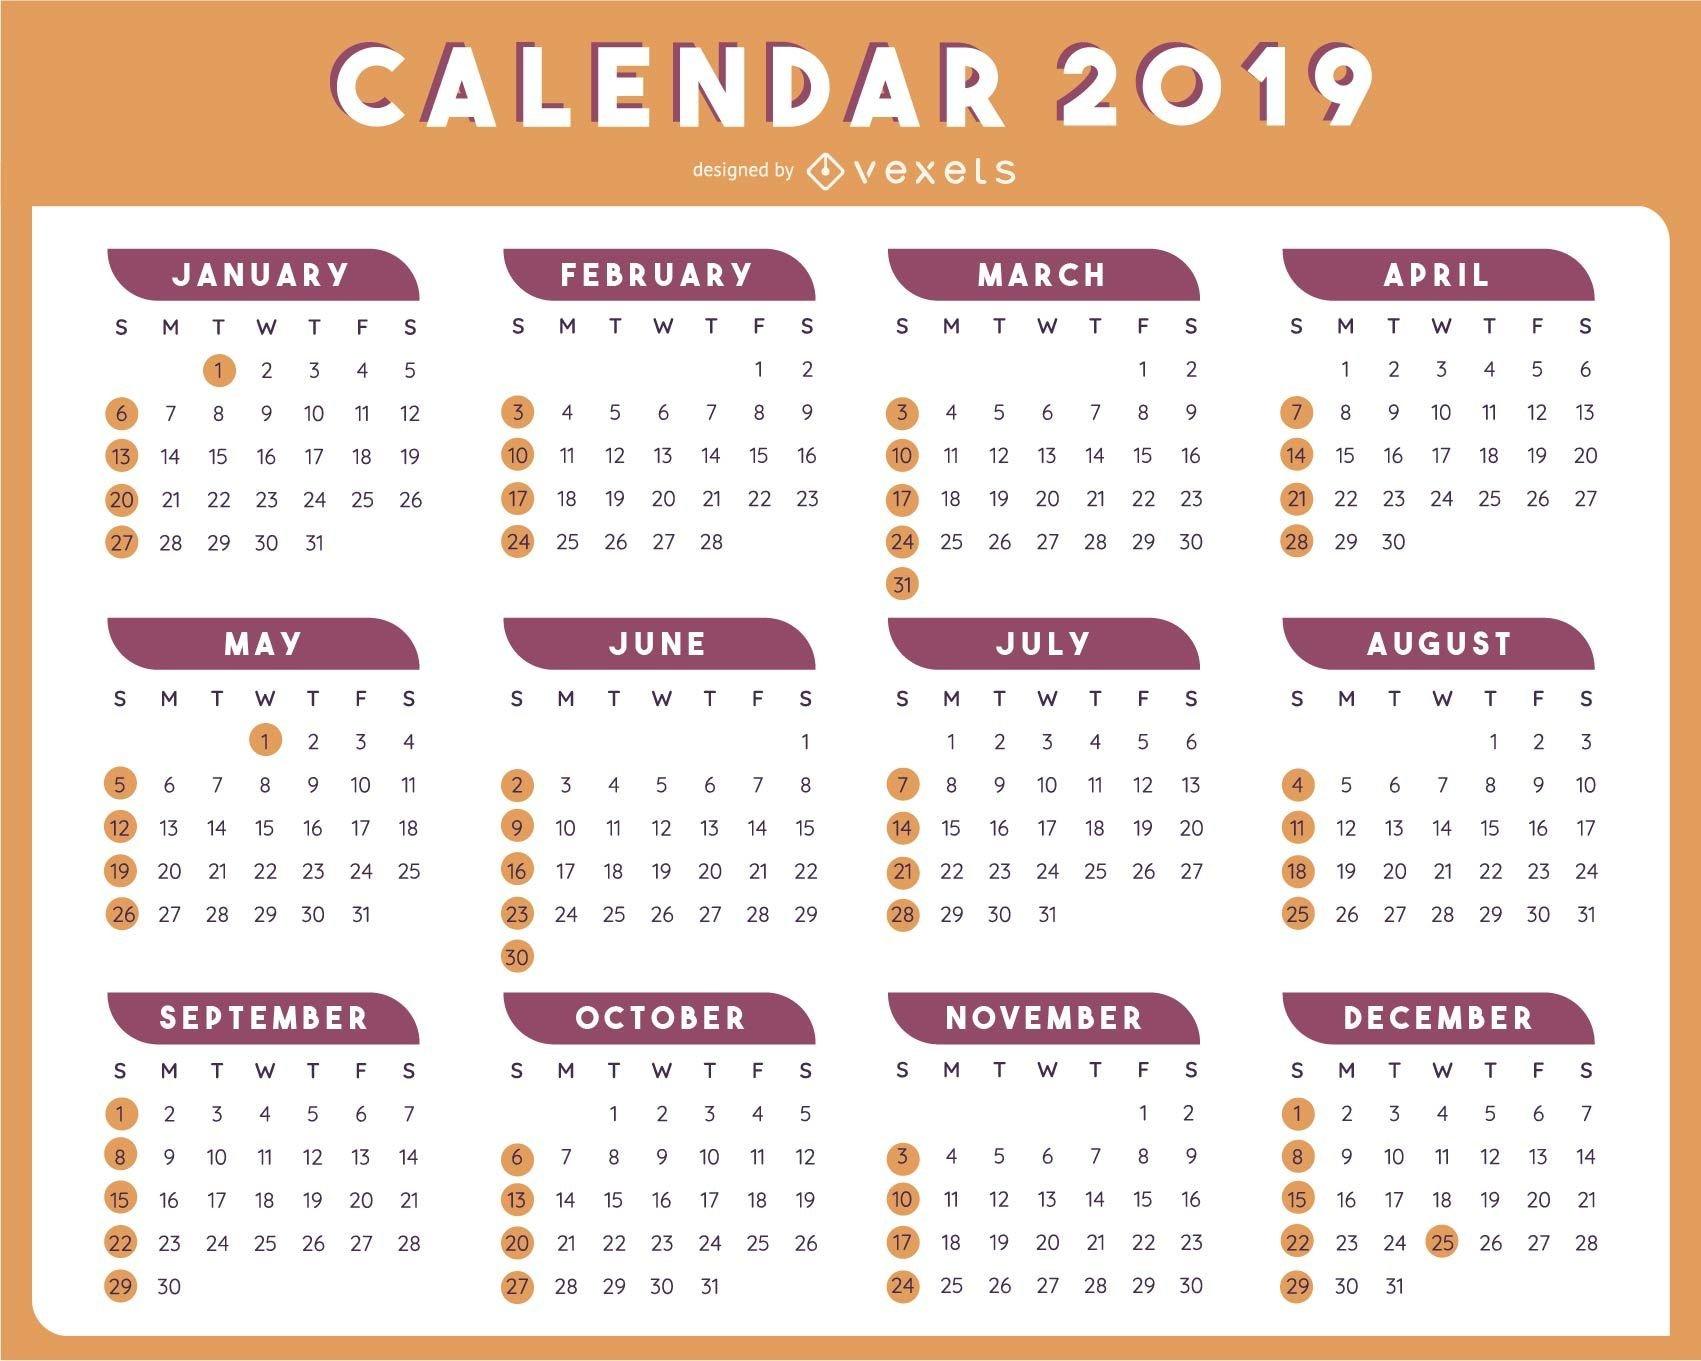 2019 Table Calendar Template Vector Design – Vector Download Calendar 2019 Table